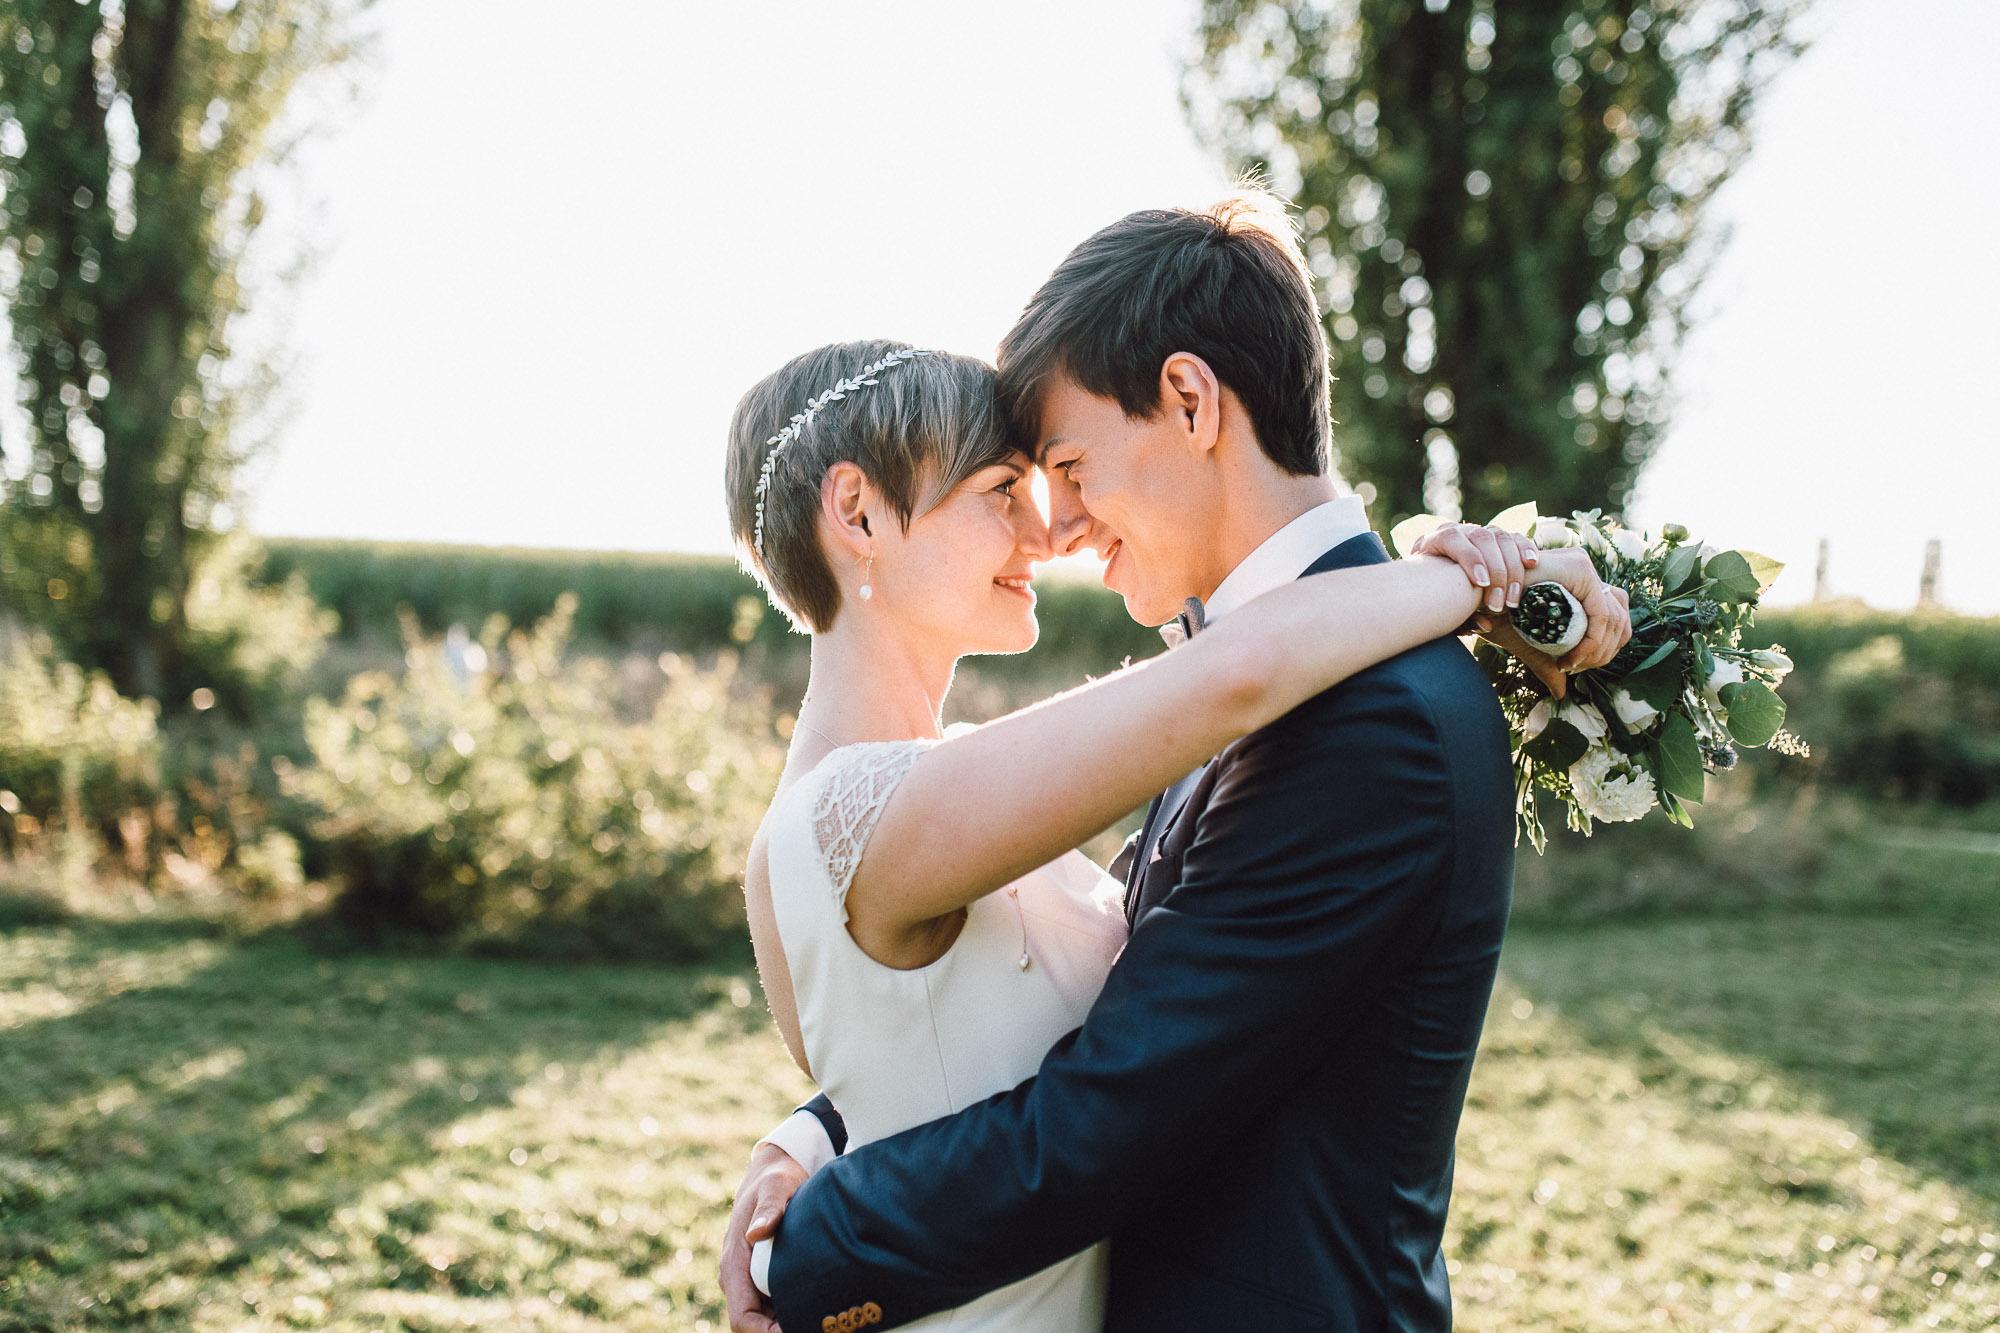 greenery-wedding-hochzeit-prielhof-sukkulenten-scheyern-lauraelenaphotography-082